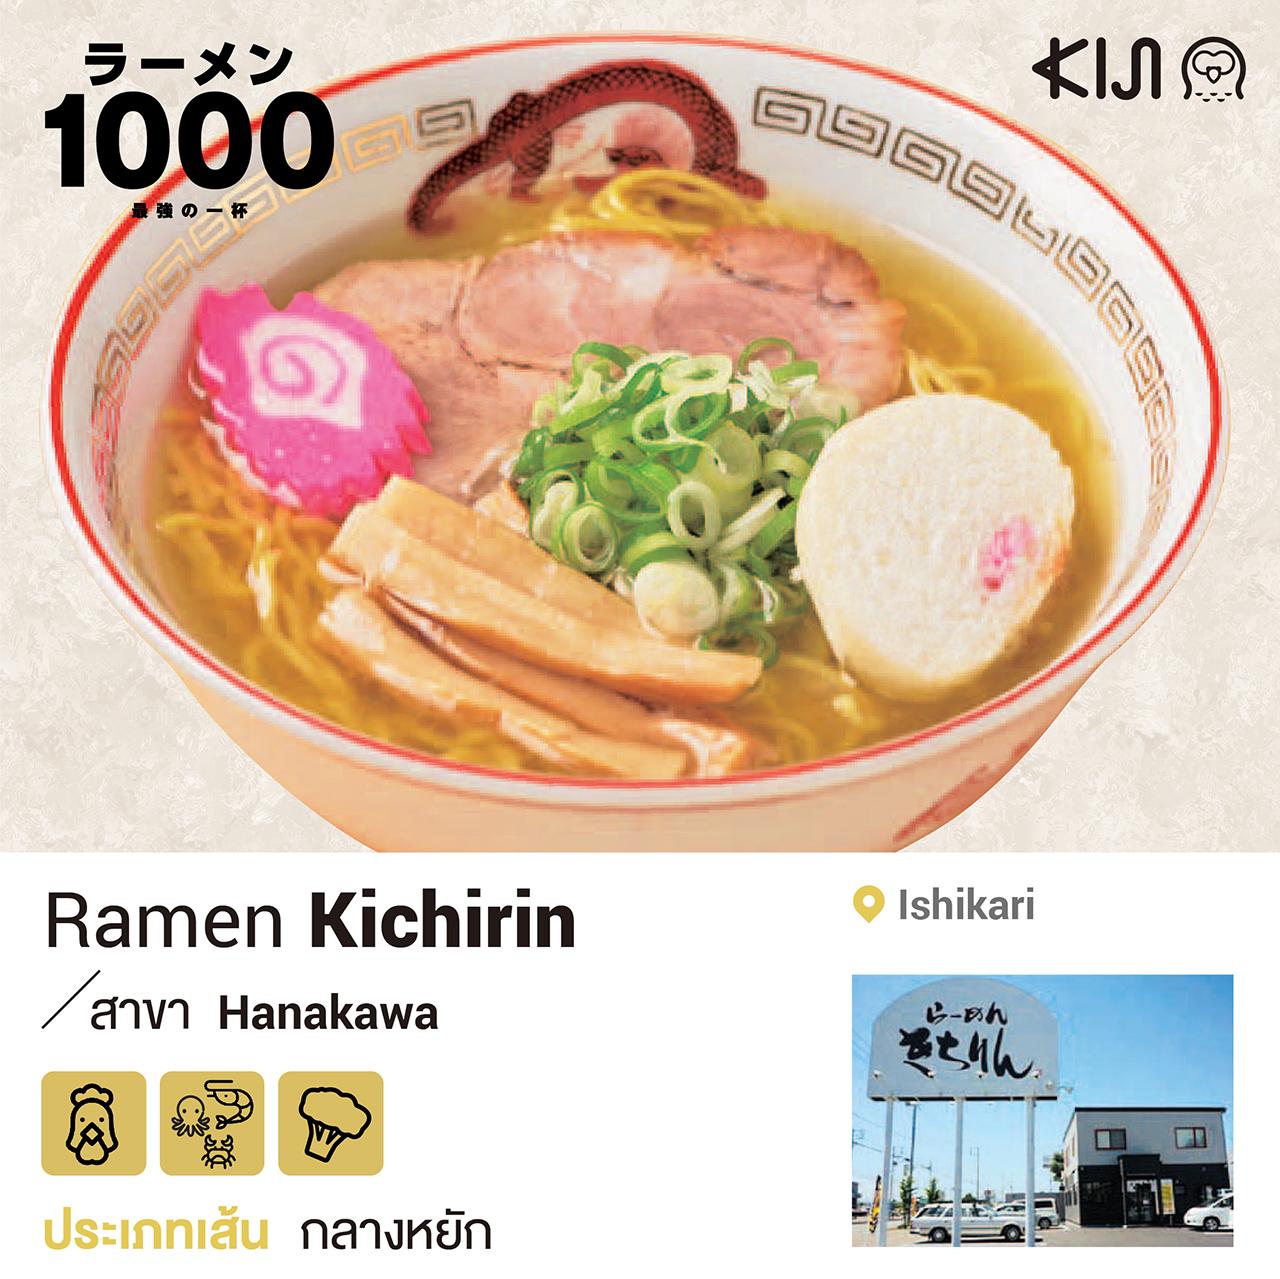 ร้านราเมน เมืองอิชิคาริ จ.ฮอกไกโด - Ramen Kichirin สาขา Hanakawa